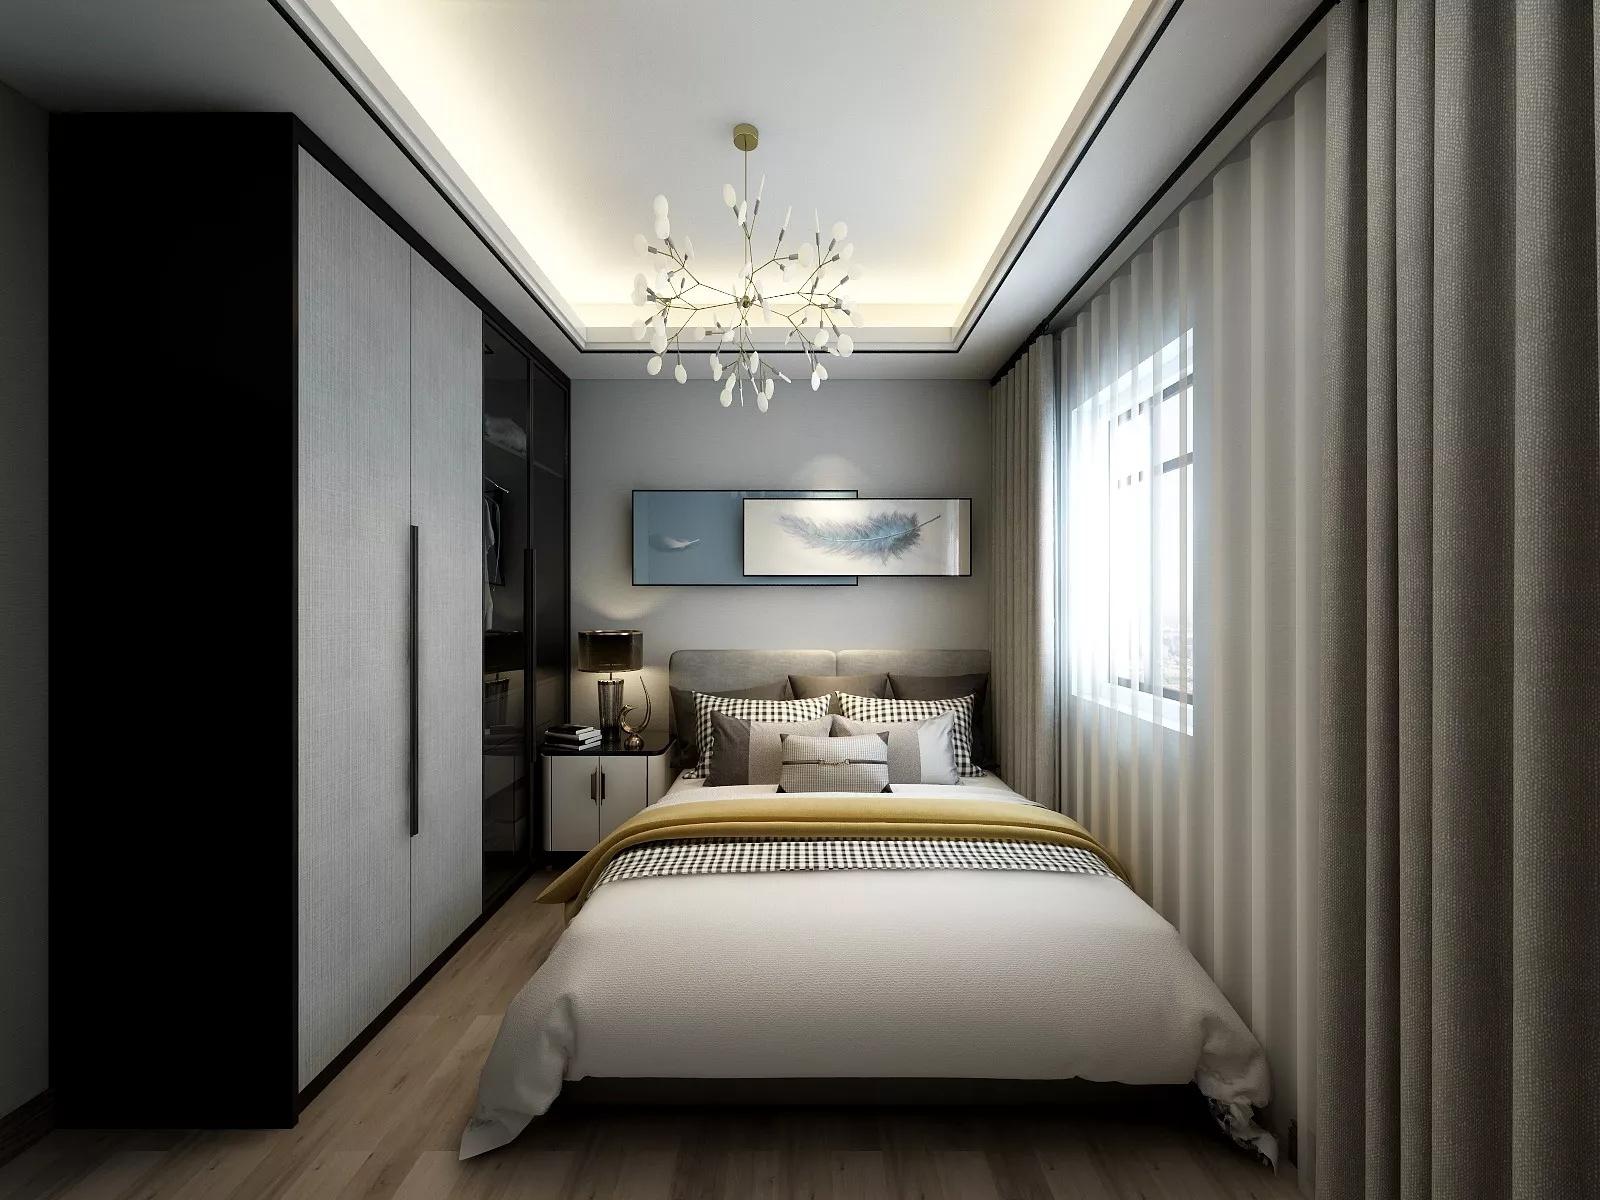 房屋简单装修可以么?简易装修房屋要怎么做?